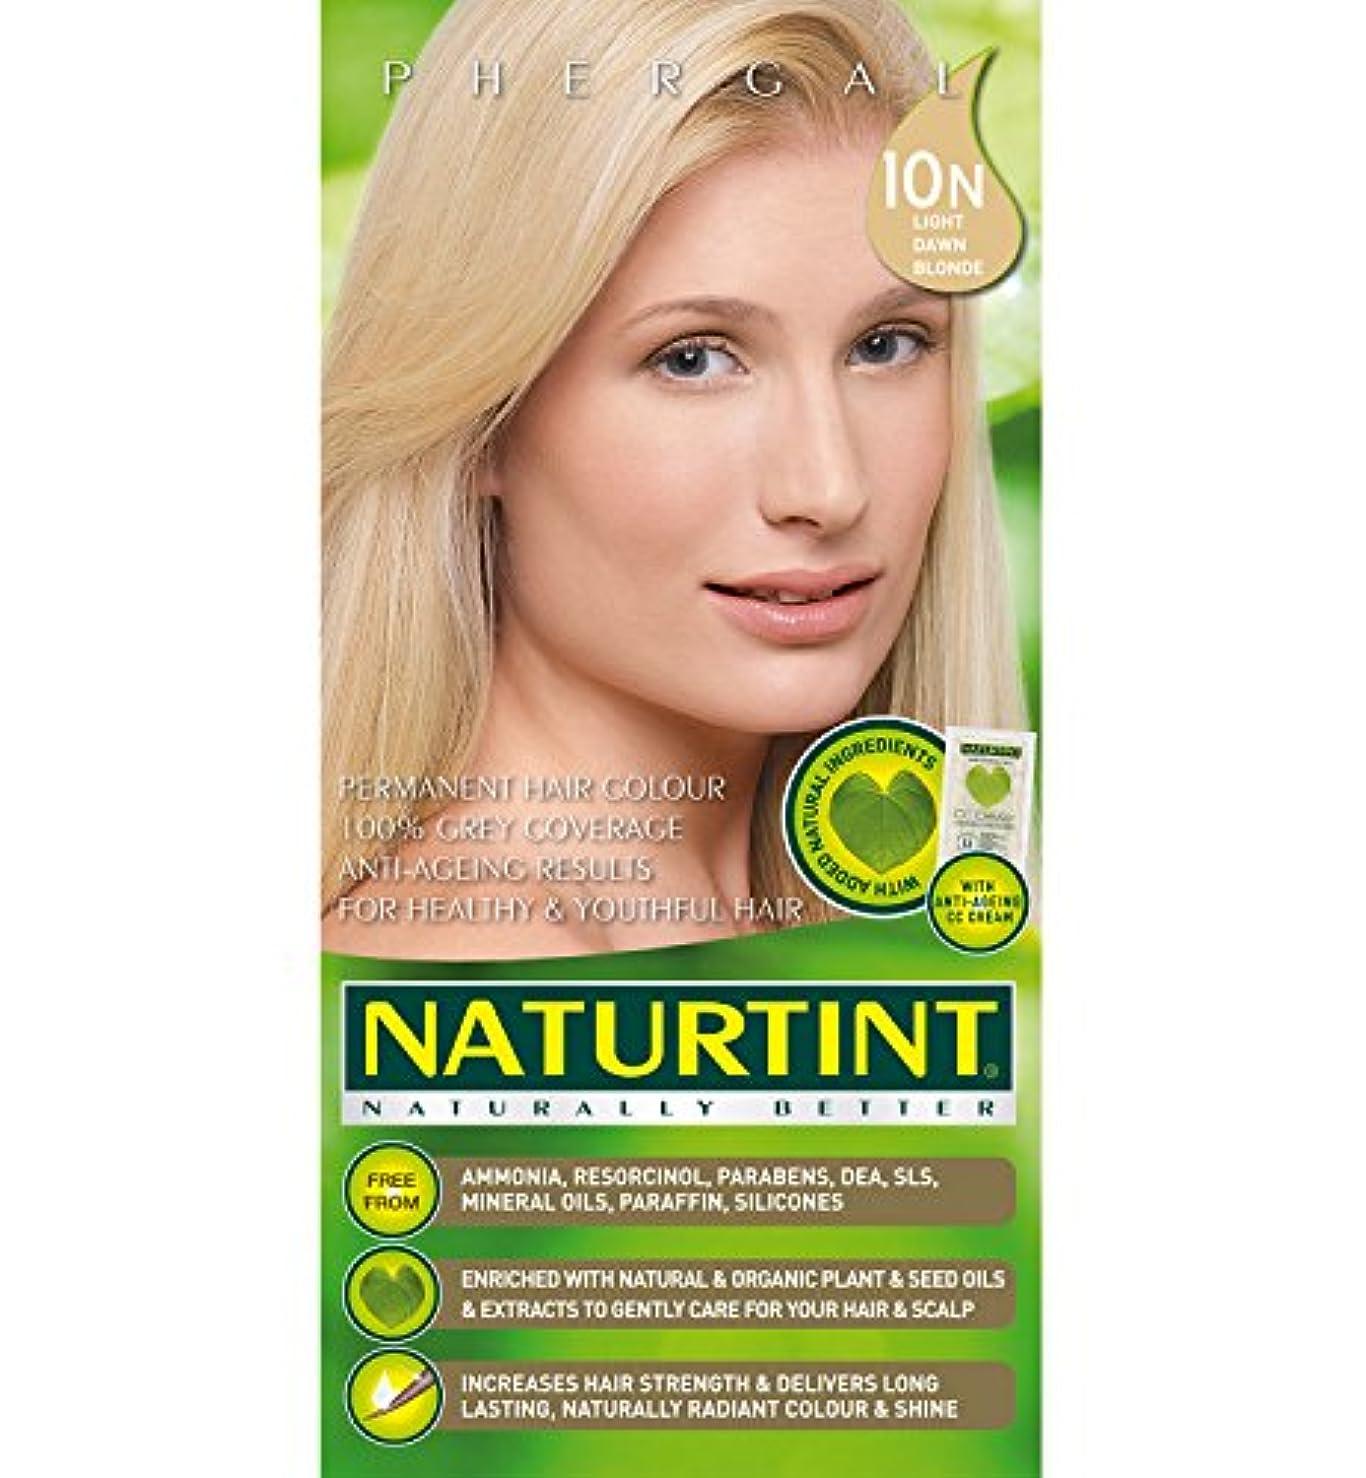 放棄する舌なガムNaturtint Hair Color 10N Light Dawn Blonde Count (並行輸入品)